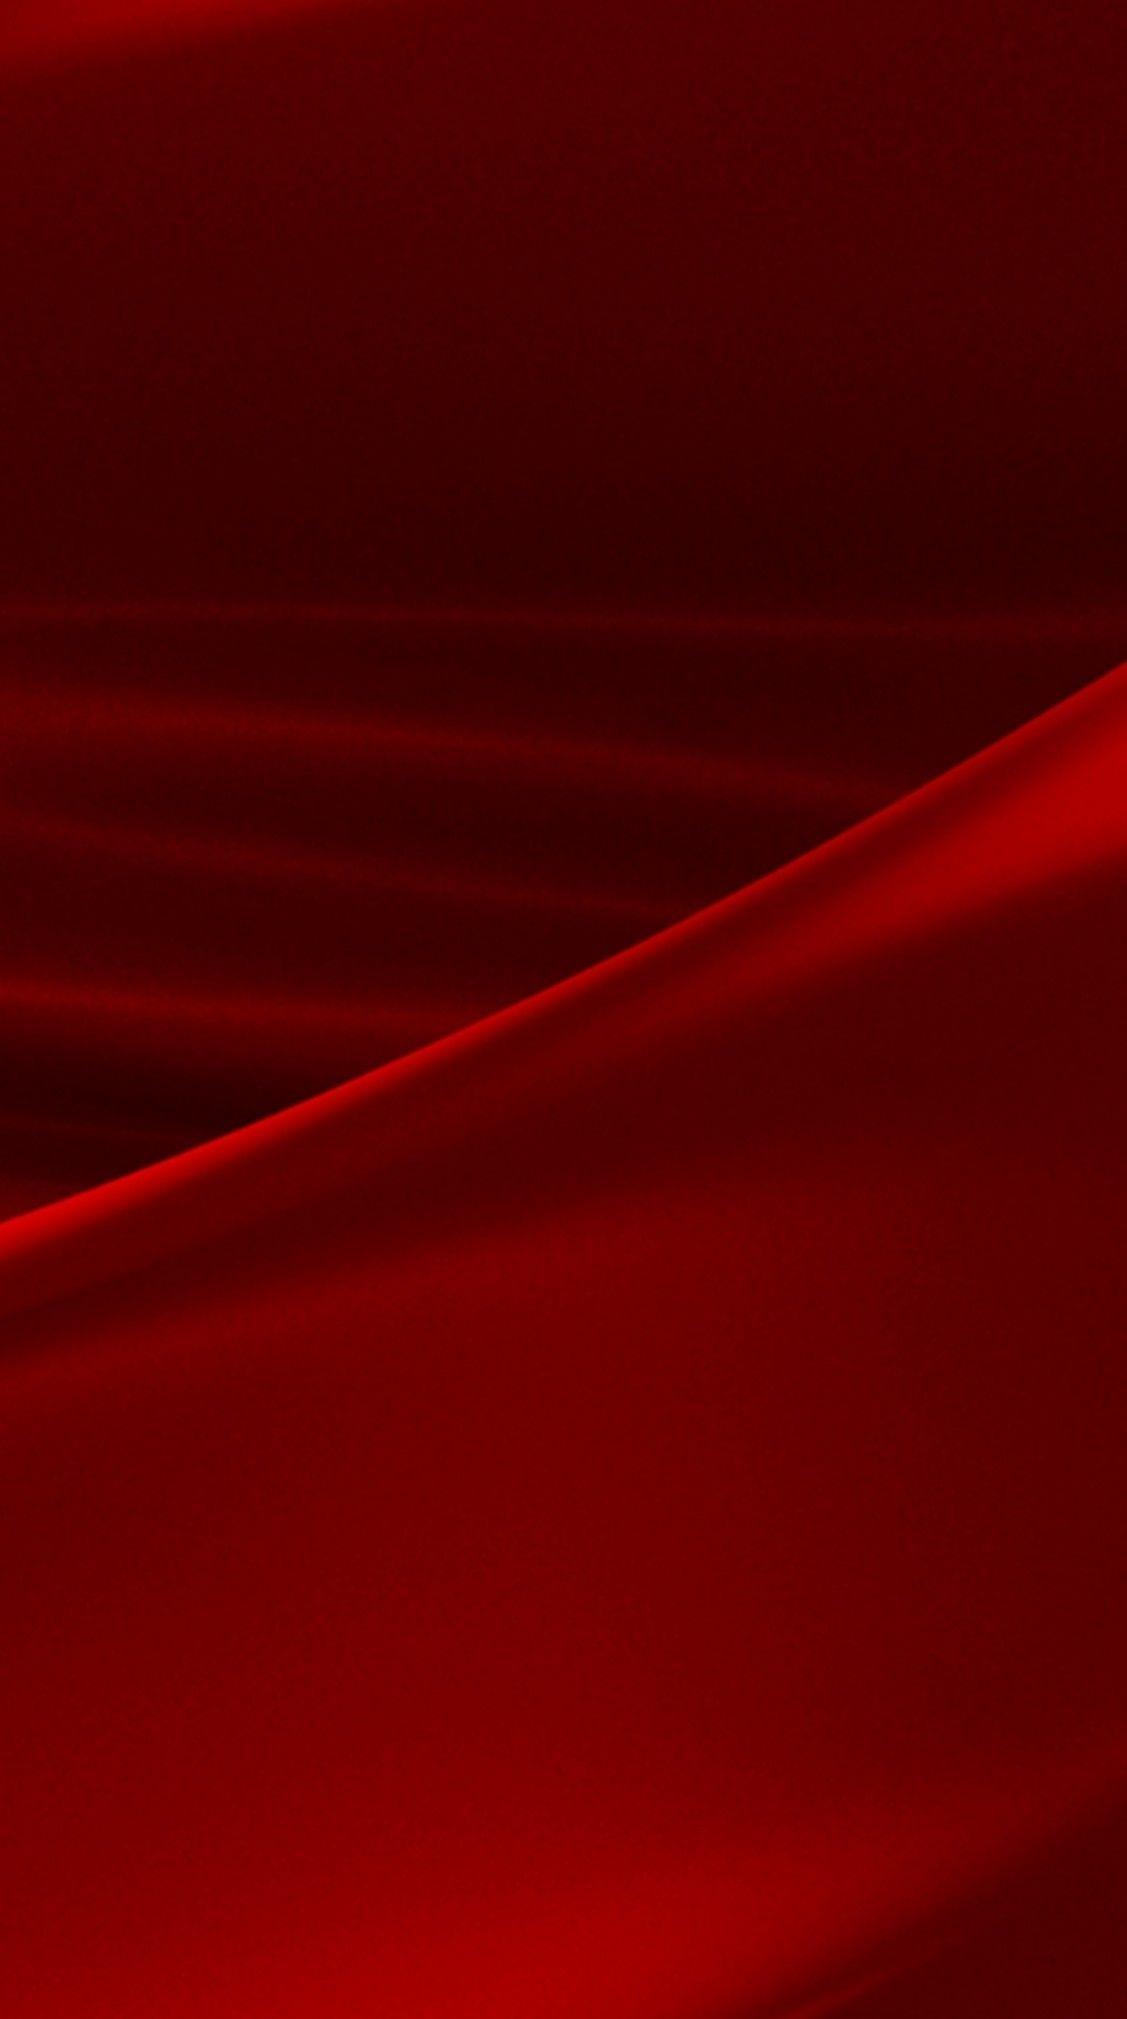 Wallpaper Red Wallpaper Cellphone Wallpaper Beautiful Backgrounds